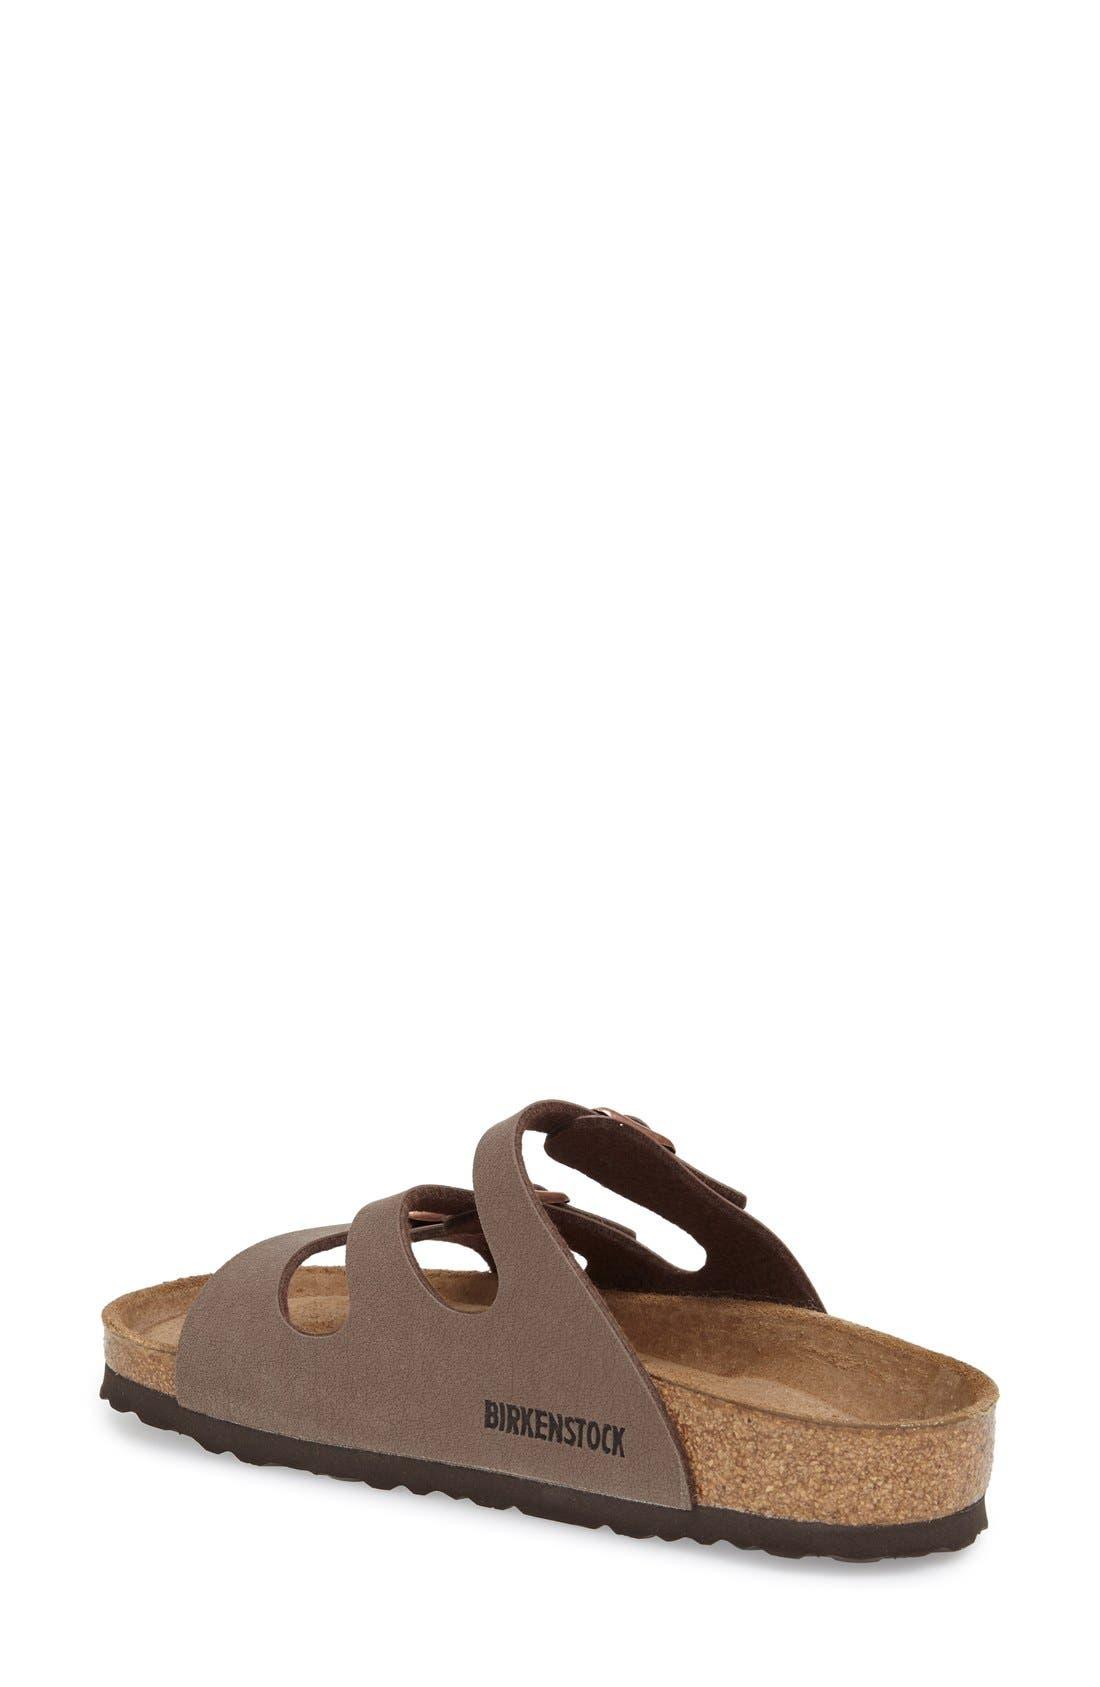 Alternate Image 2  - Birkenstock 'Florida Birkibuc' Soft Footbed Sandal (Women)